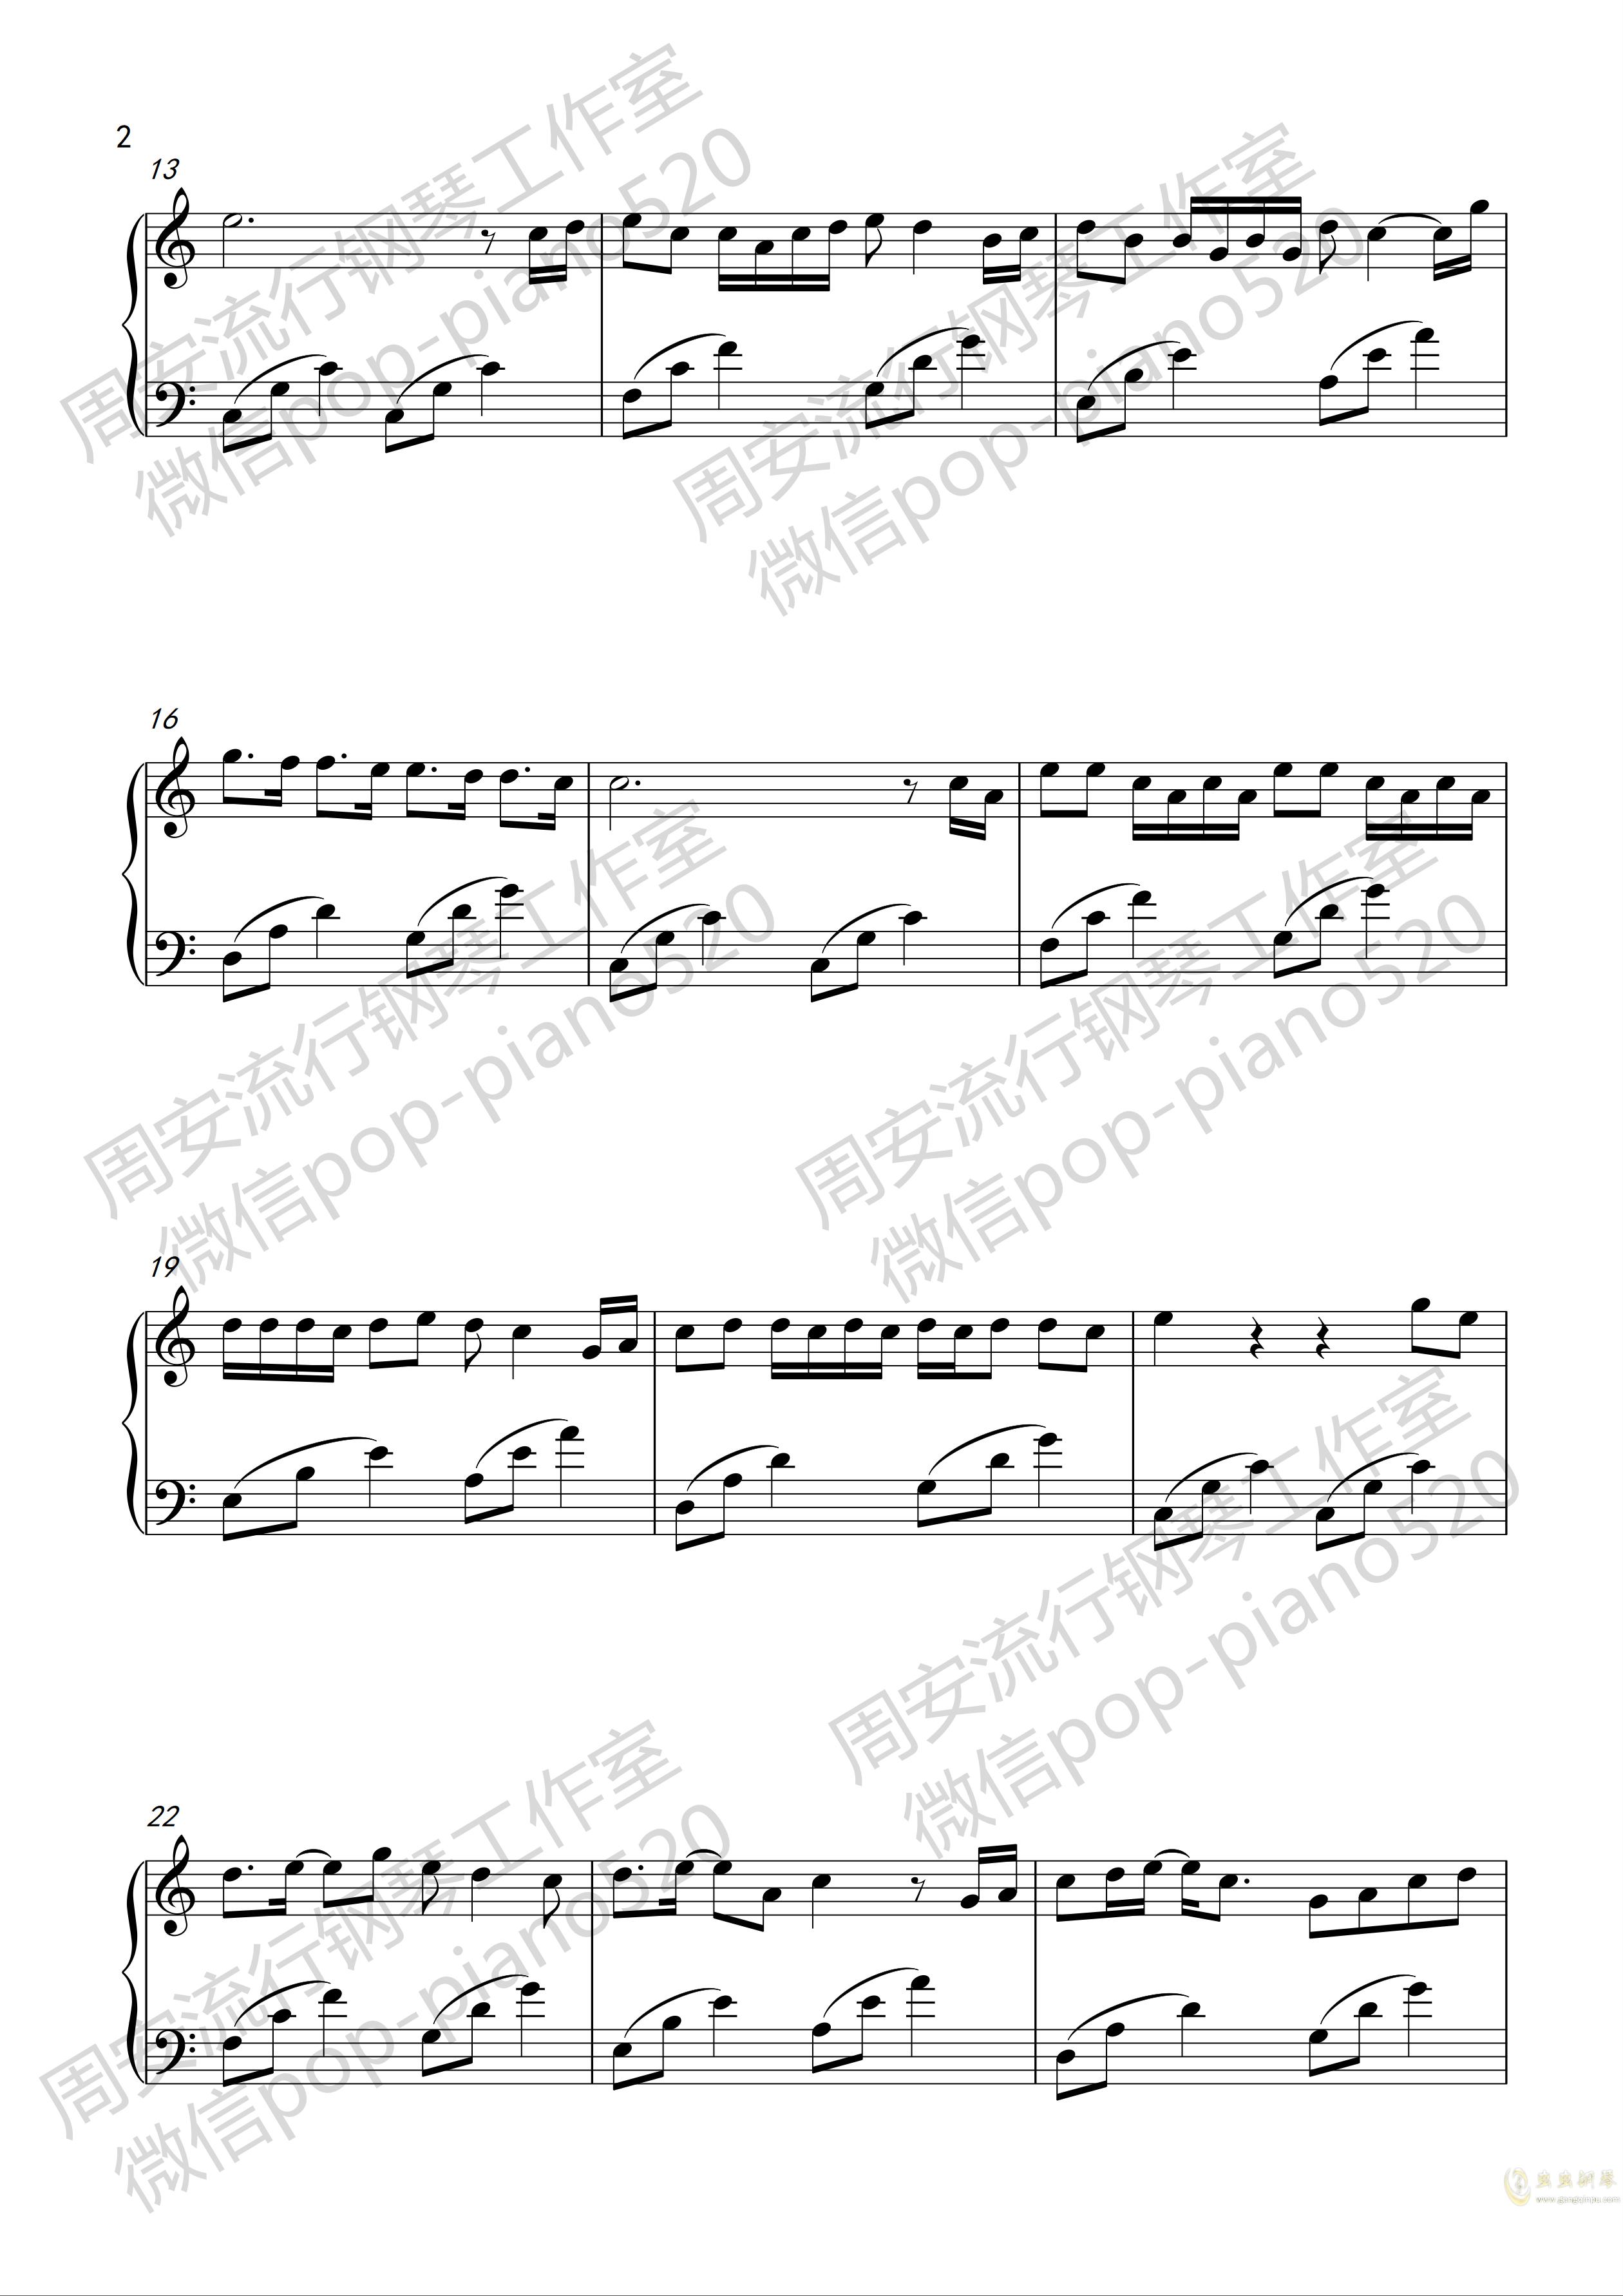 浪人琵琶钢琴谱 第2页